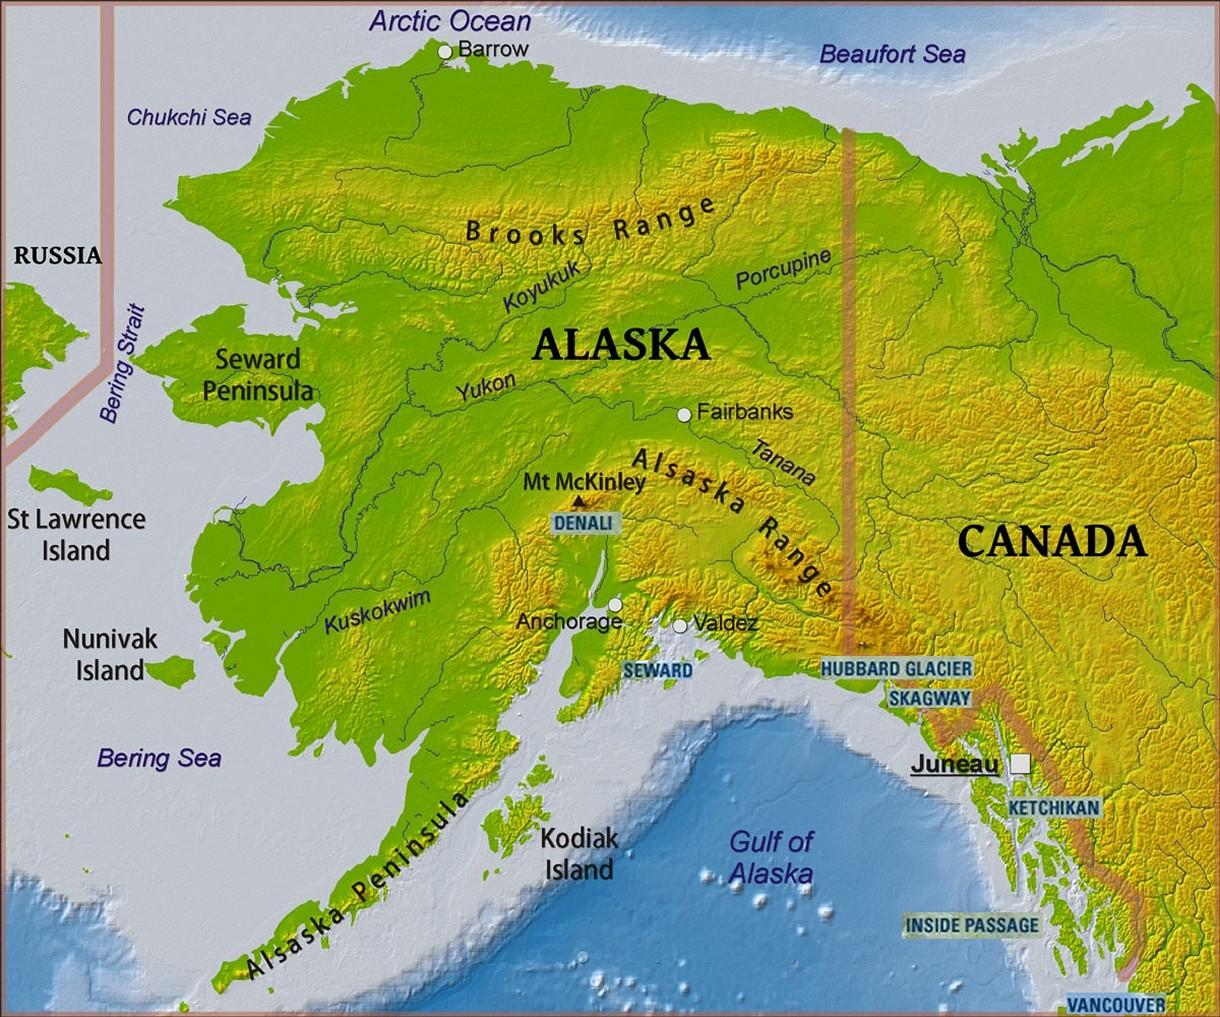 Huna Alaska Map.Original Trip Writeup